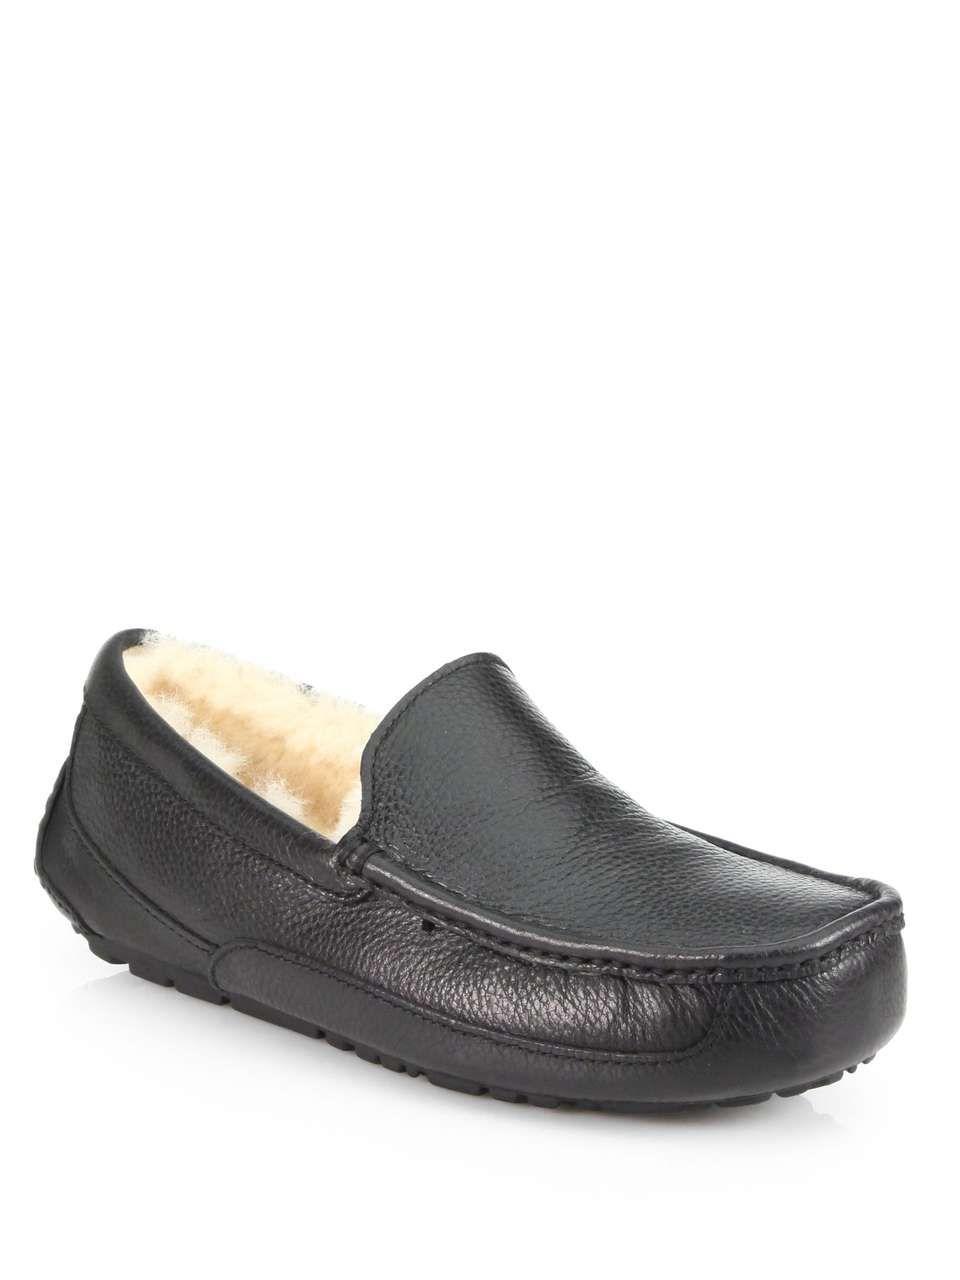 UGG Australia Ascot Sheepskin Slippers